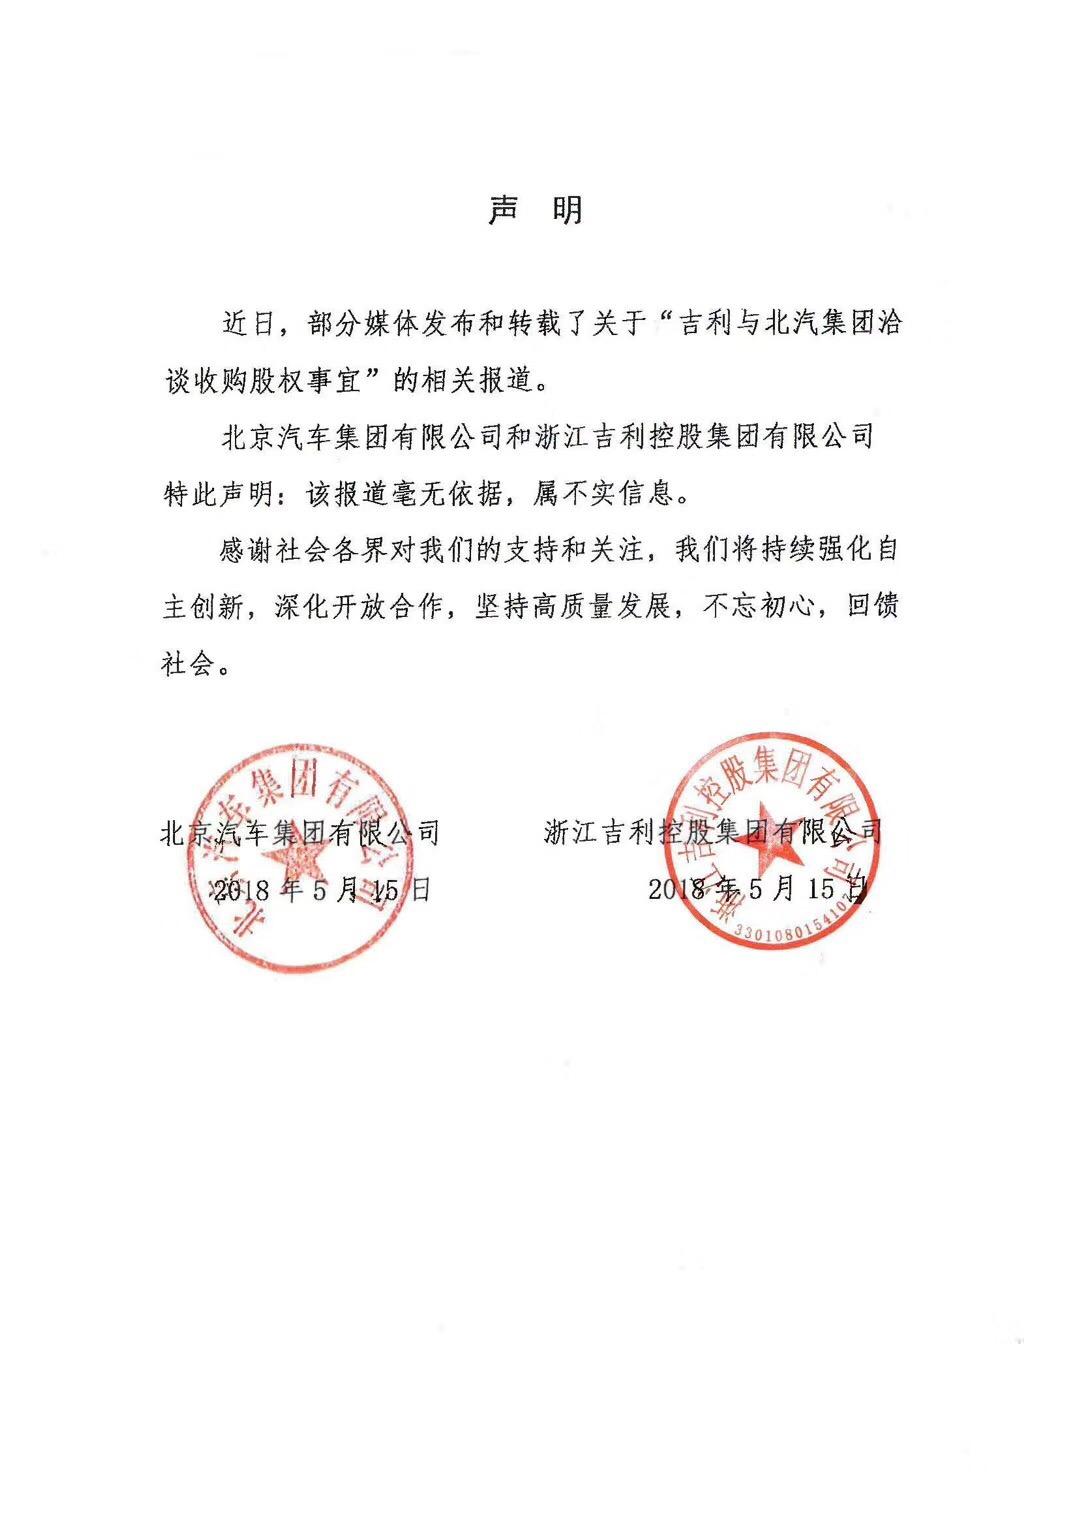 北汽、吉利澄清收购传闻 称报道不属实